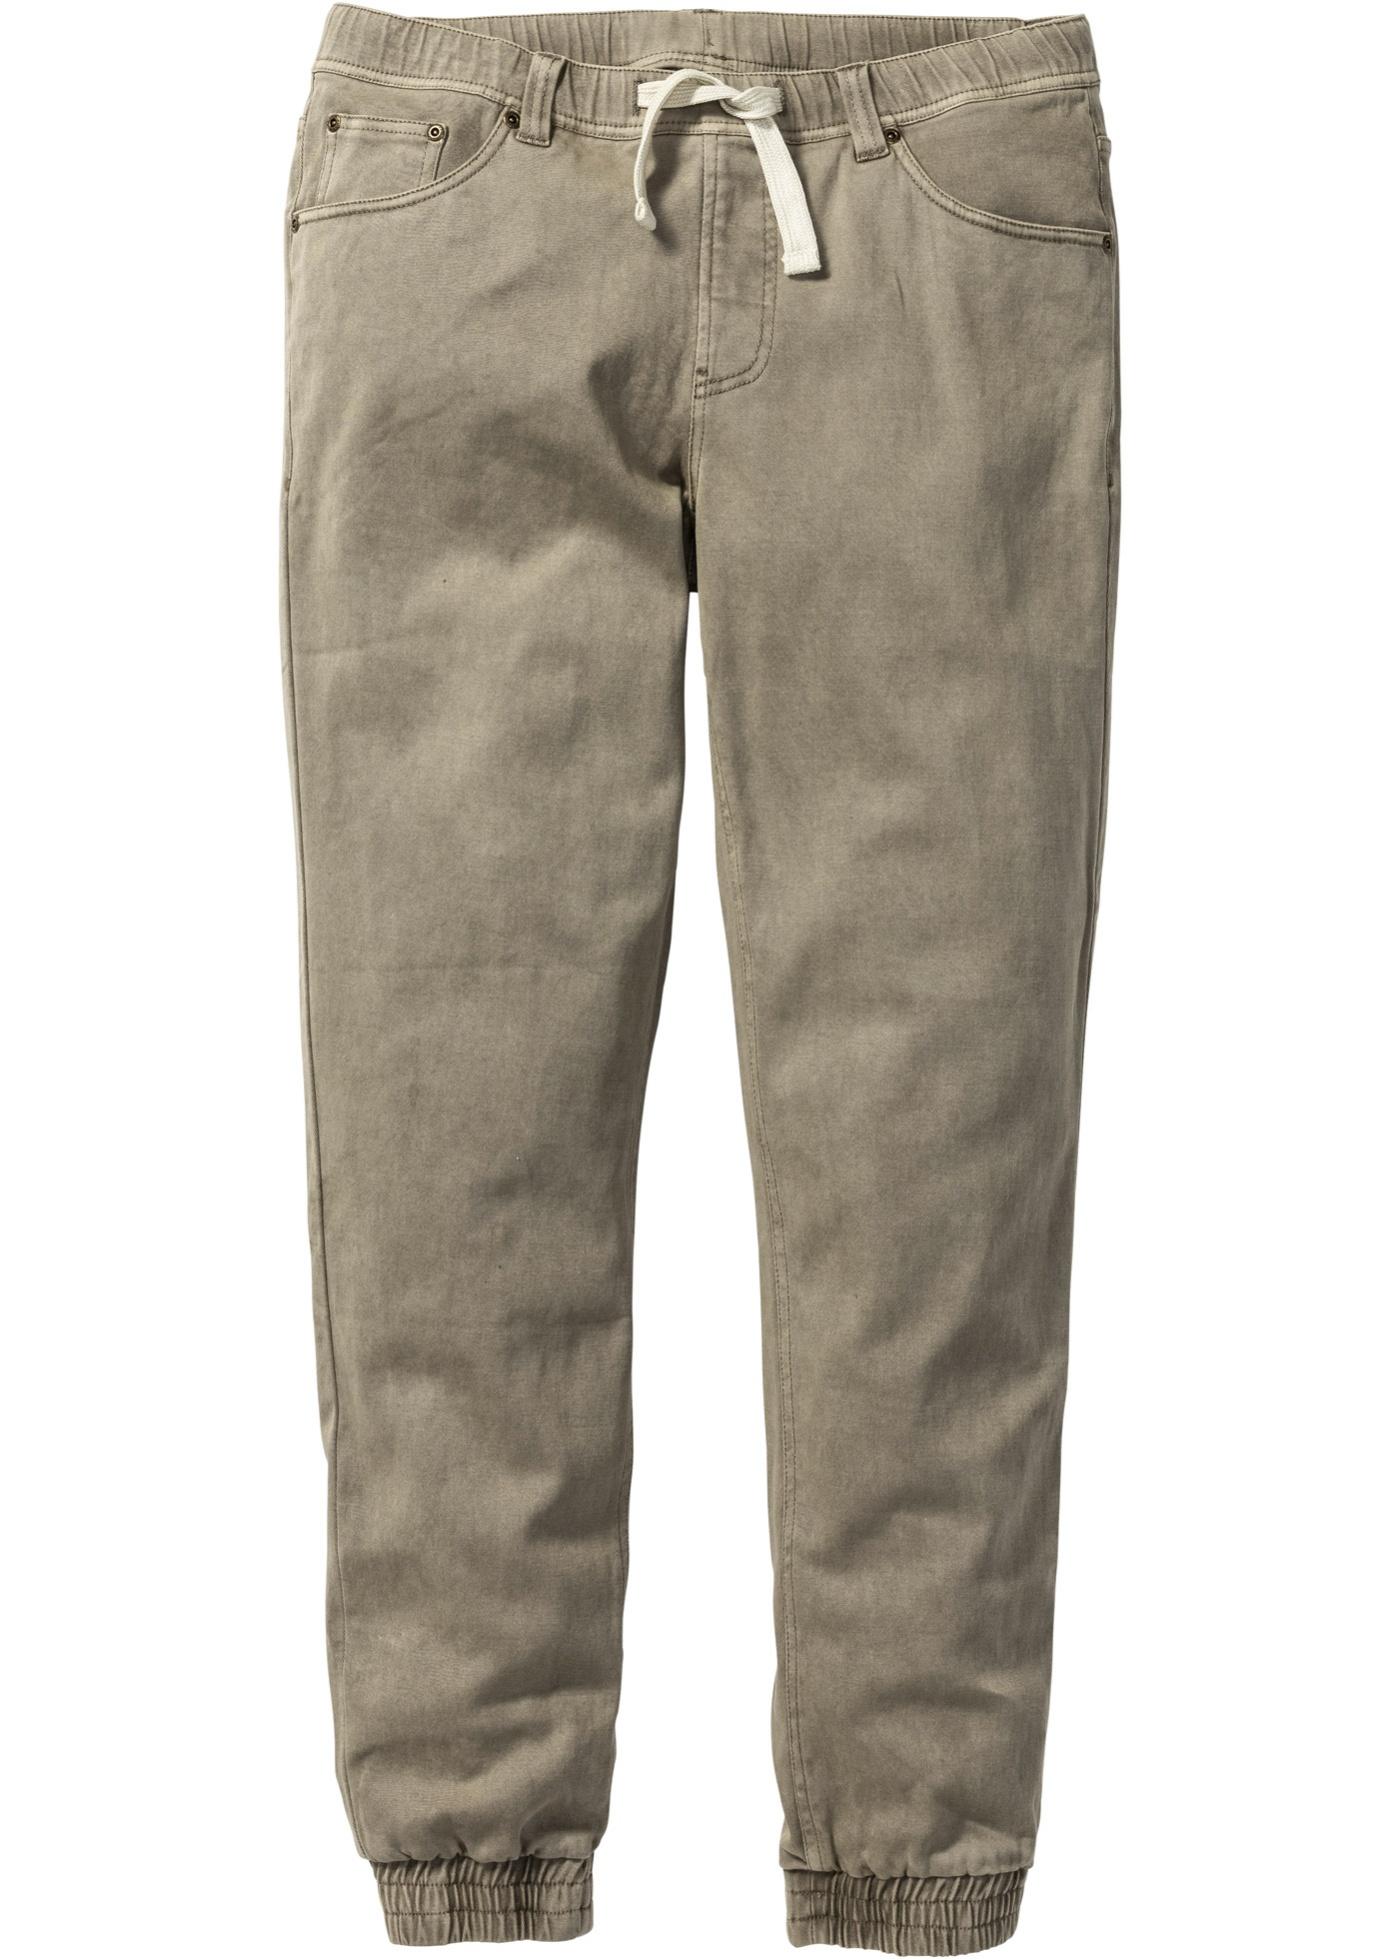 ef7a7e6fc59b Strečové kalhoty bez zapínání Slim Fit Straight - Zelená